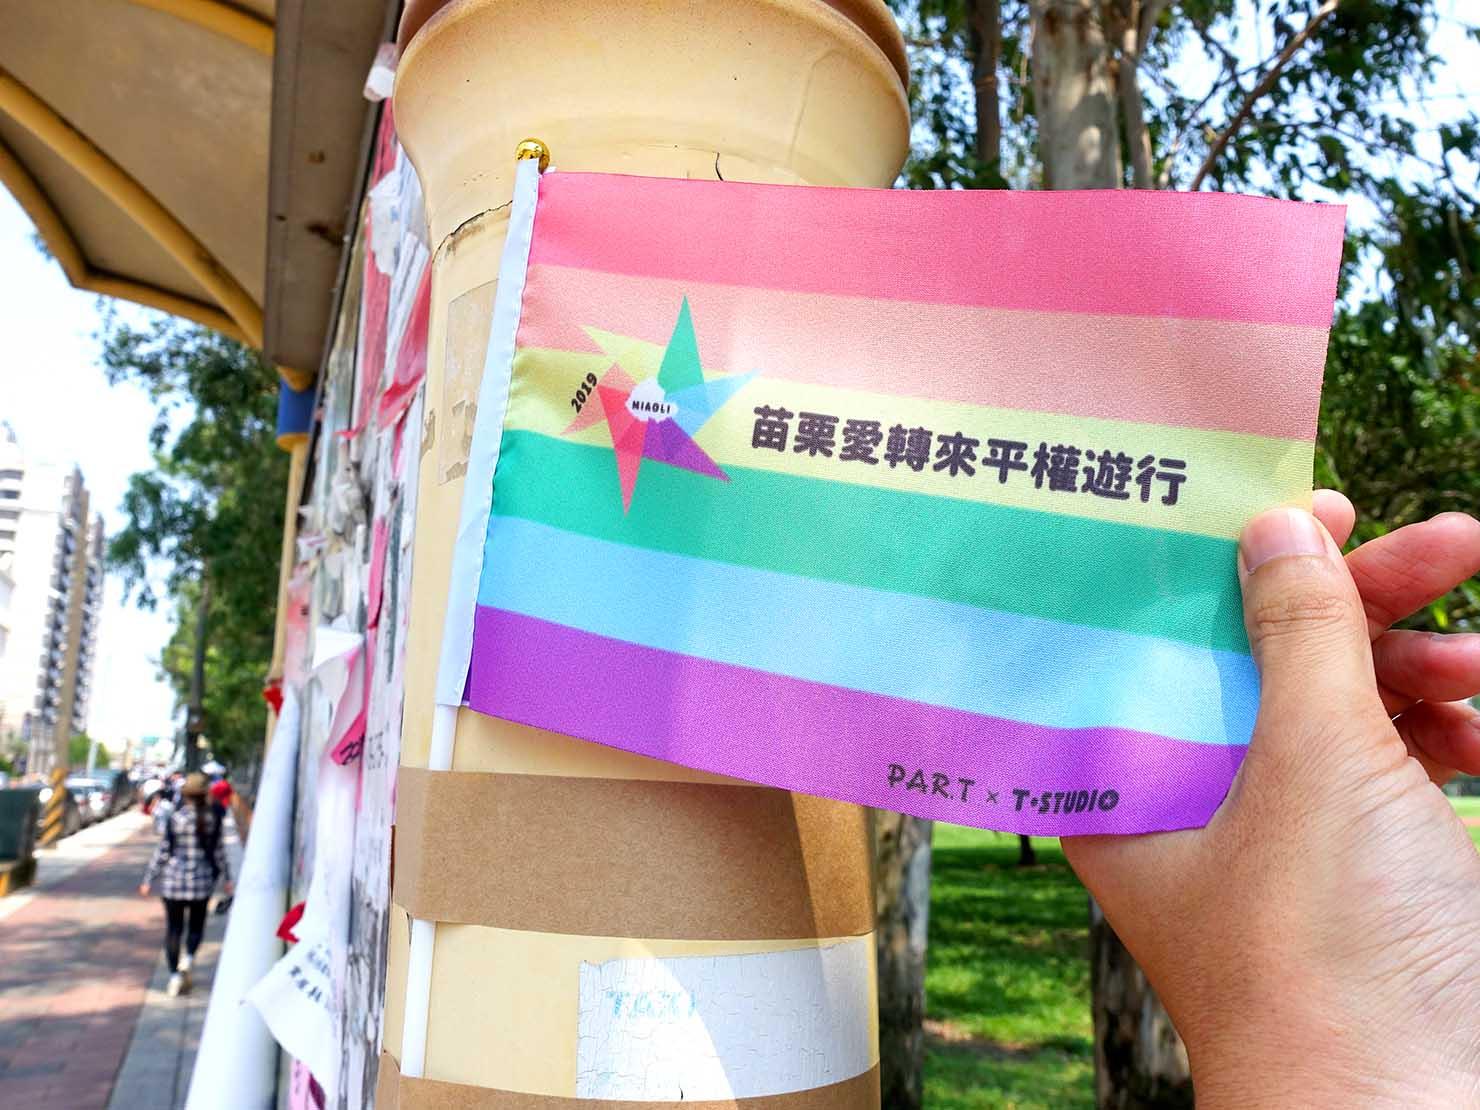 苗栗愛轉來平權遊行(苗栗LGBTプライド)2019会場周辺に貼られたレインボーフラッグ